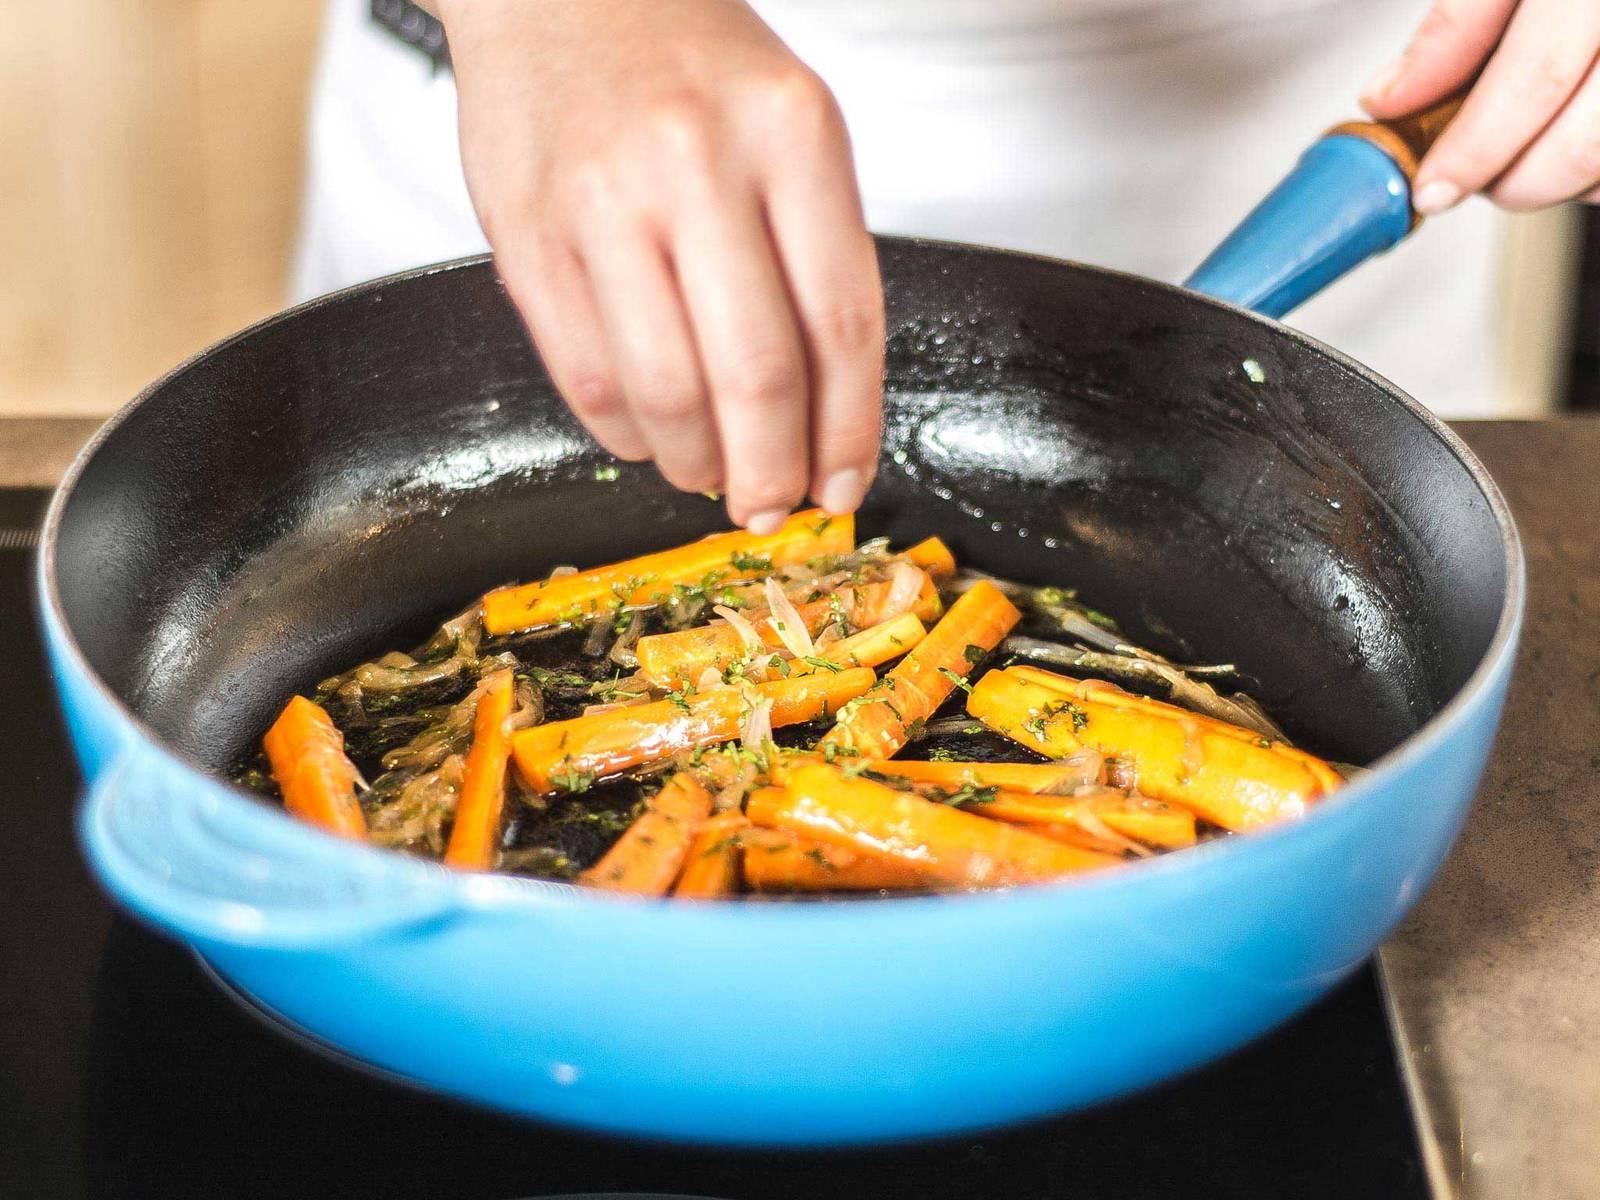 龙蒿去茎后也加入锅中,加盖煮5-8分钟,至胡萝卜变软。